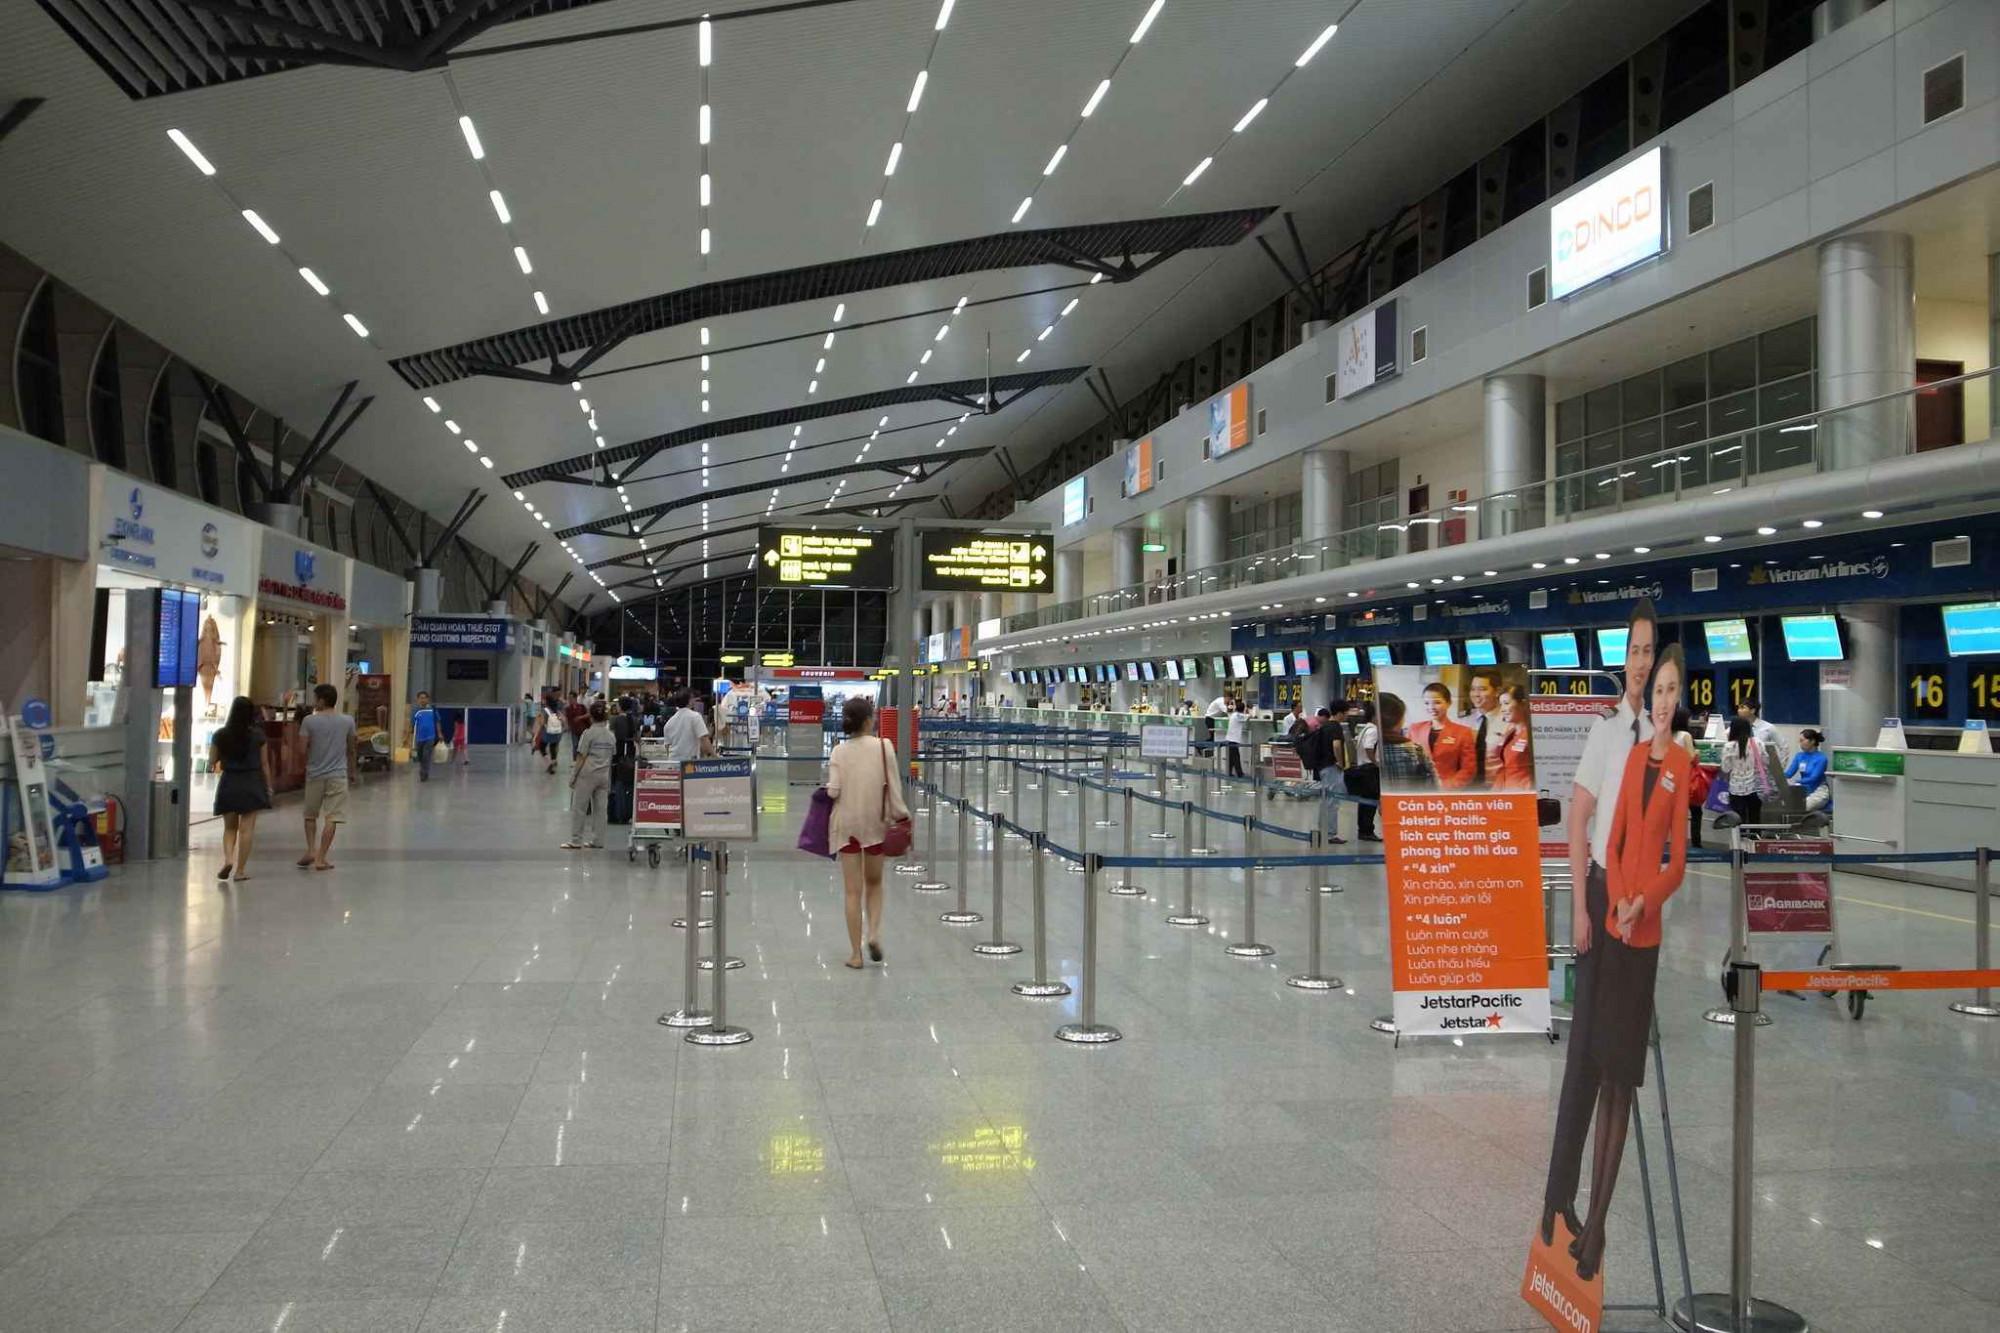 Đoàn khách trên nhập cảnh tại sân bay quốc tế Đà Nẵng. (Ảnh minh hoạ)